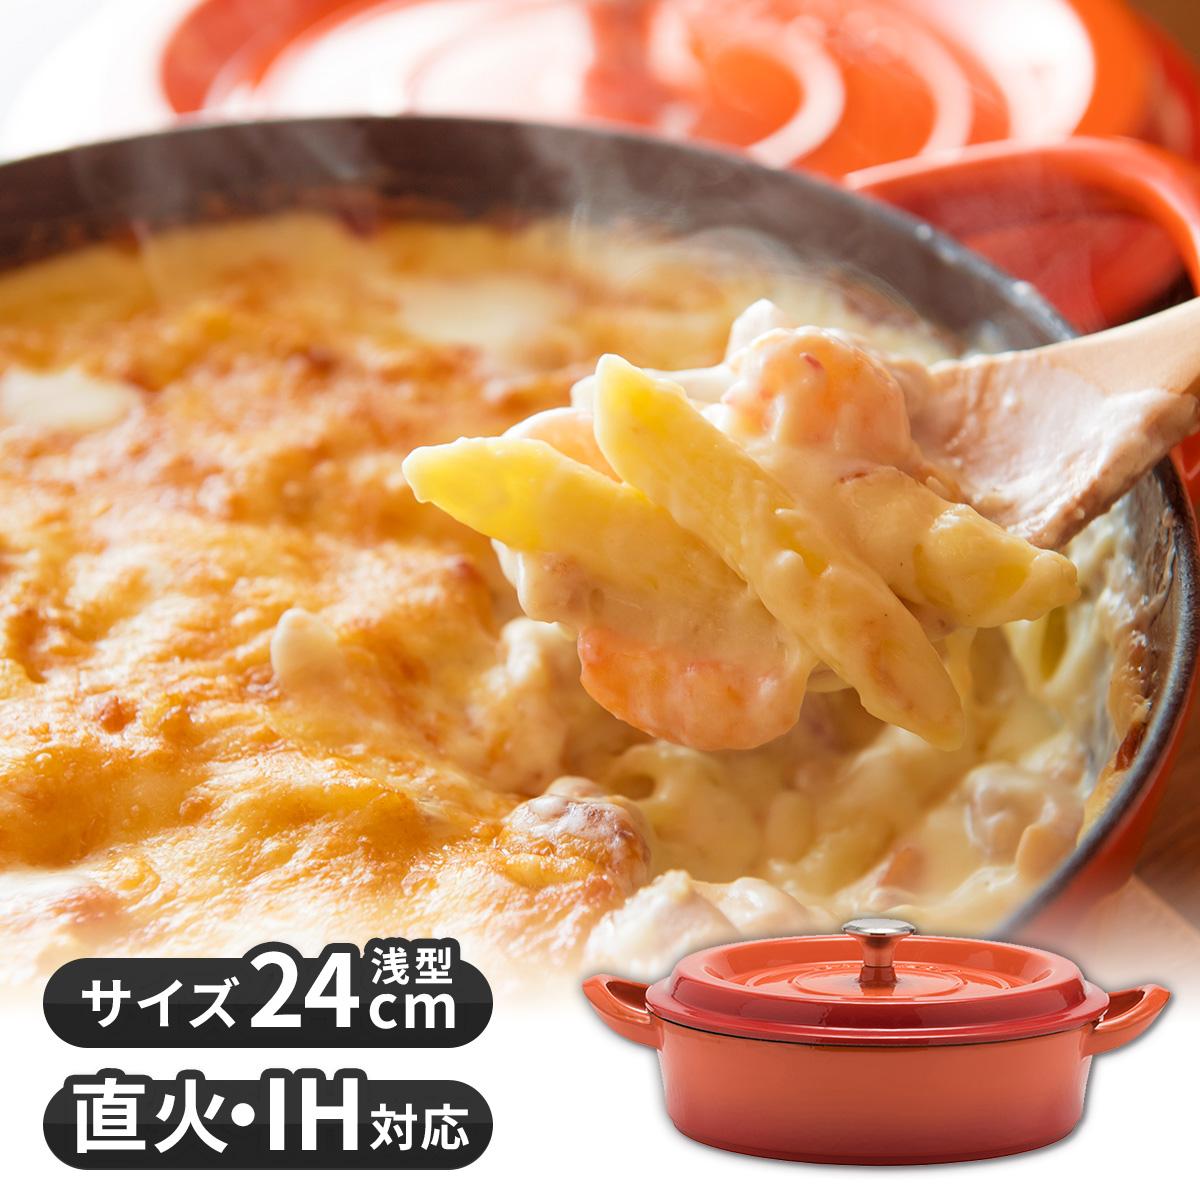 ★グッドプラス キャストポット24�浅型オレンジ(鉄鋳物ホーロー鍋)